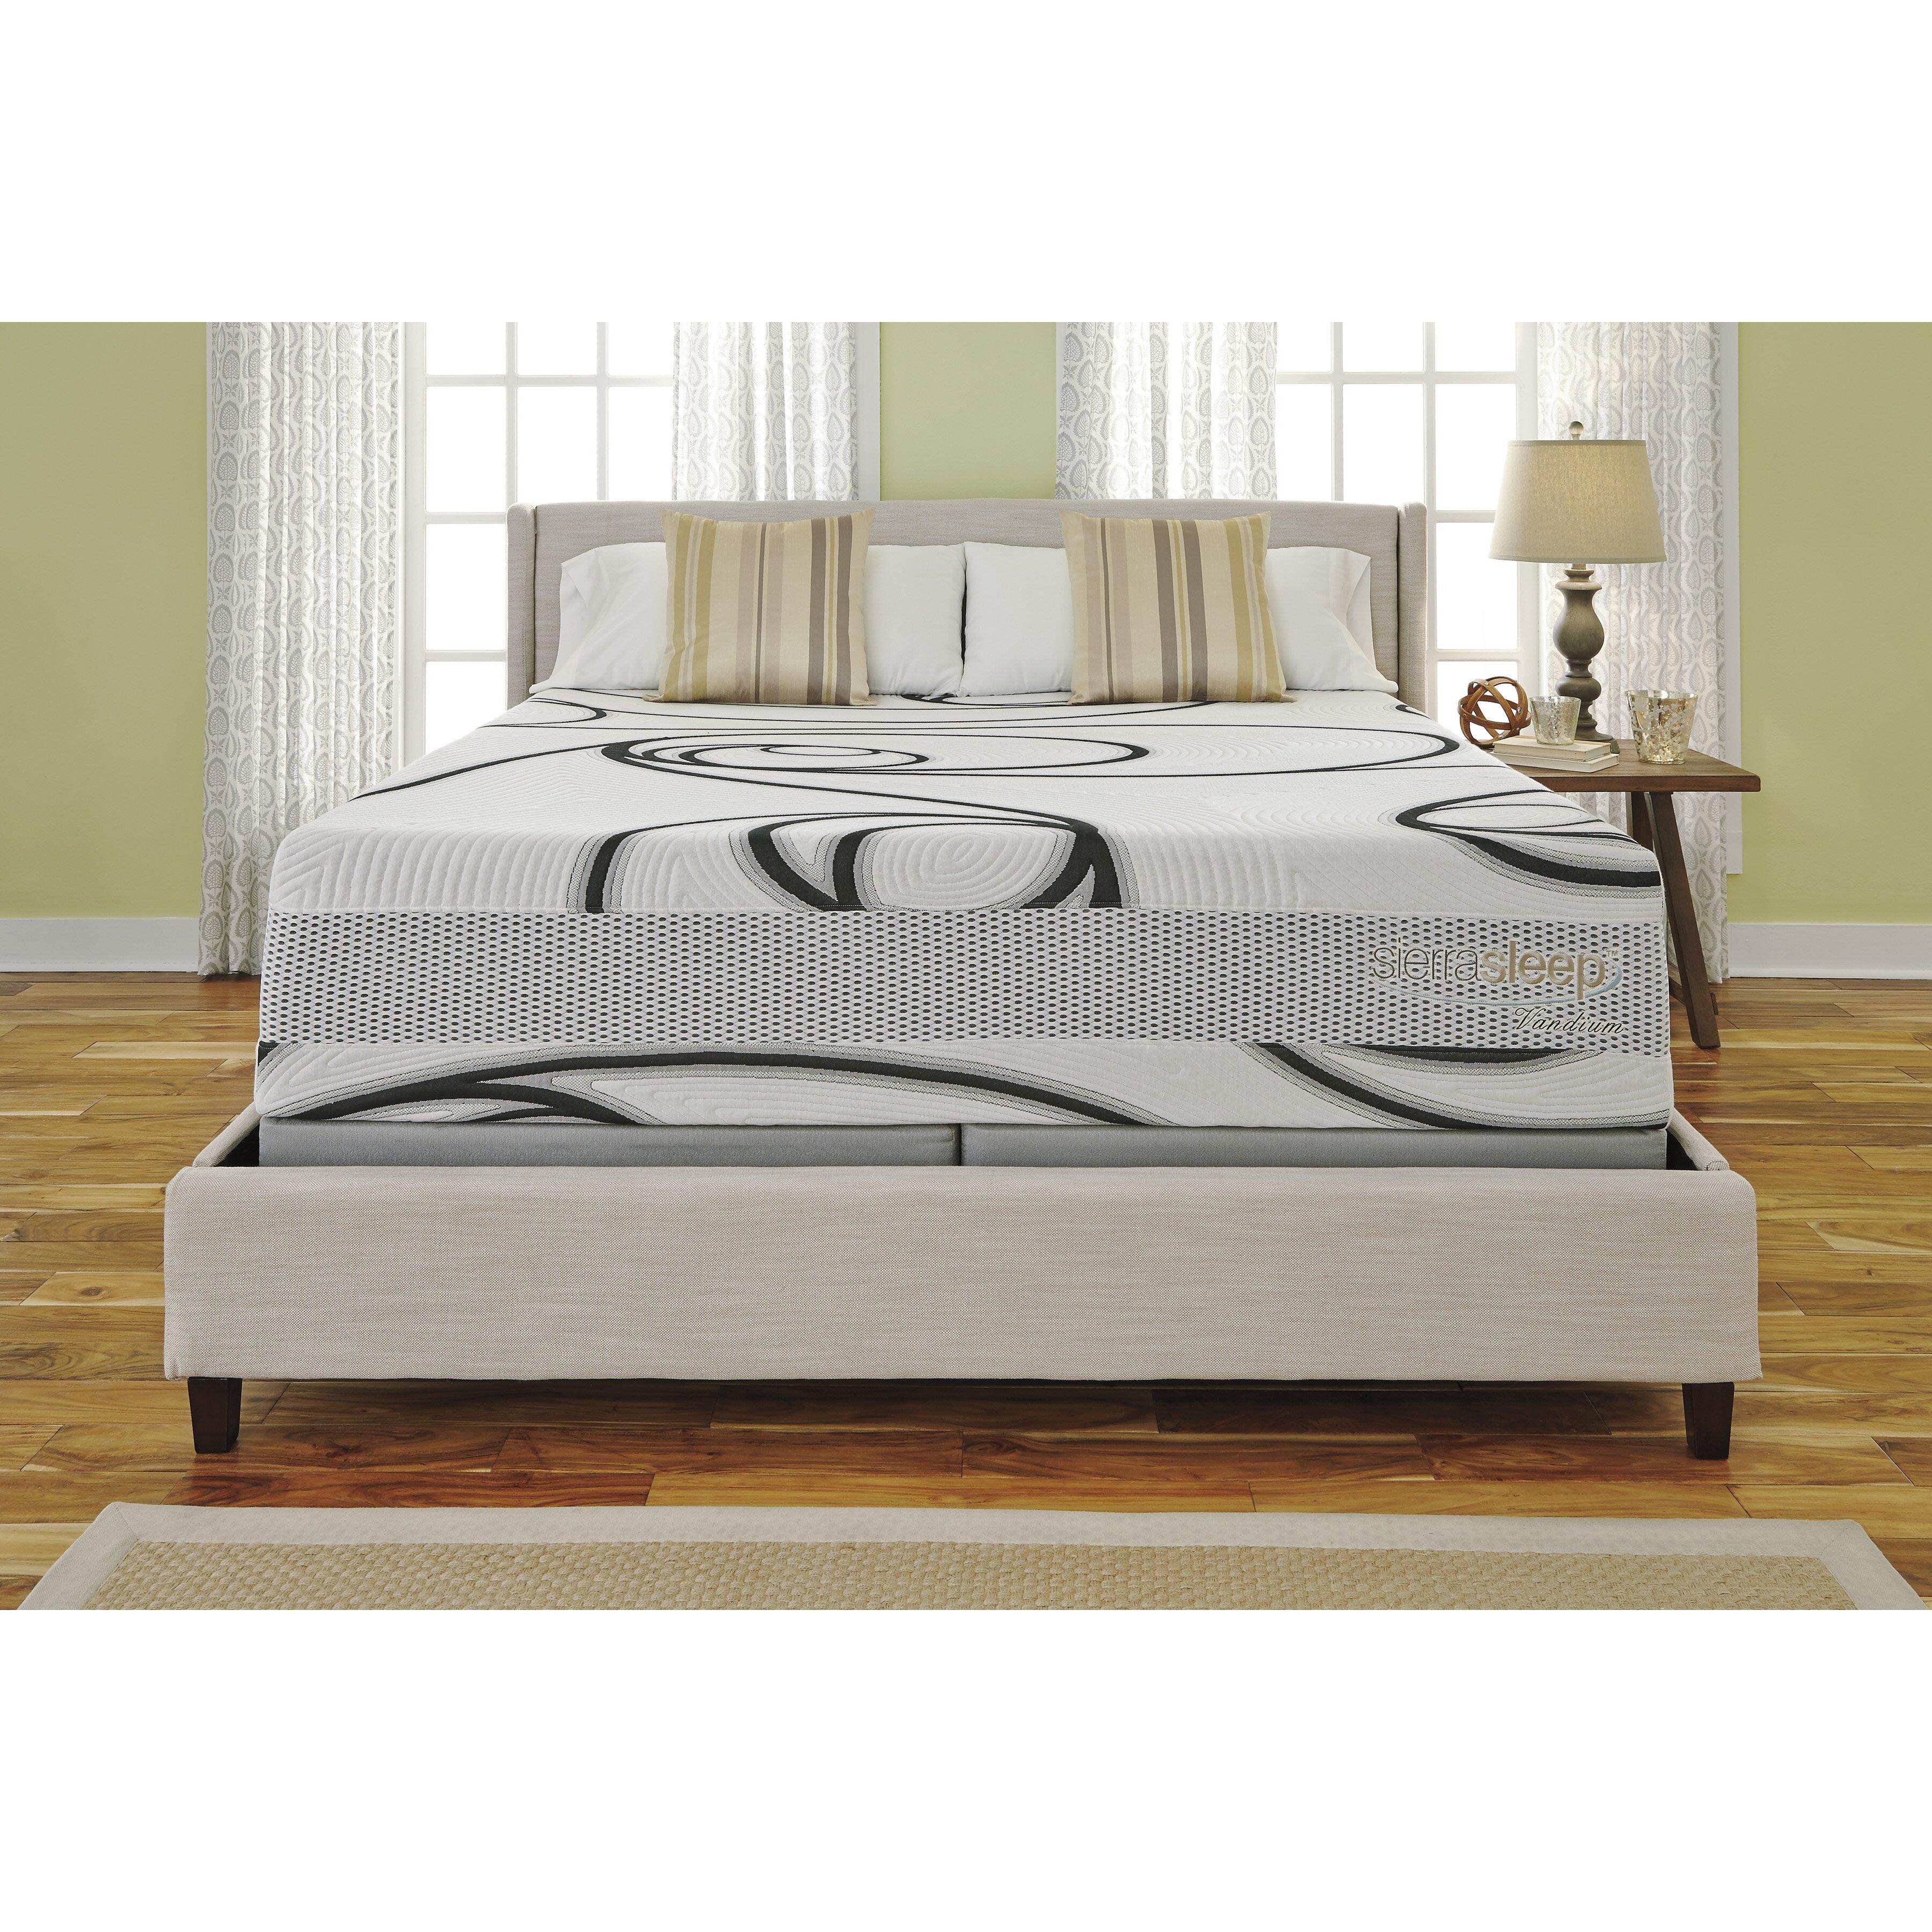 sierra sleep split king boxspring reviews wayfair. Black Bedroom Furniture Sets. Home Design Ideas